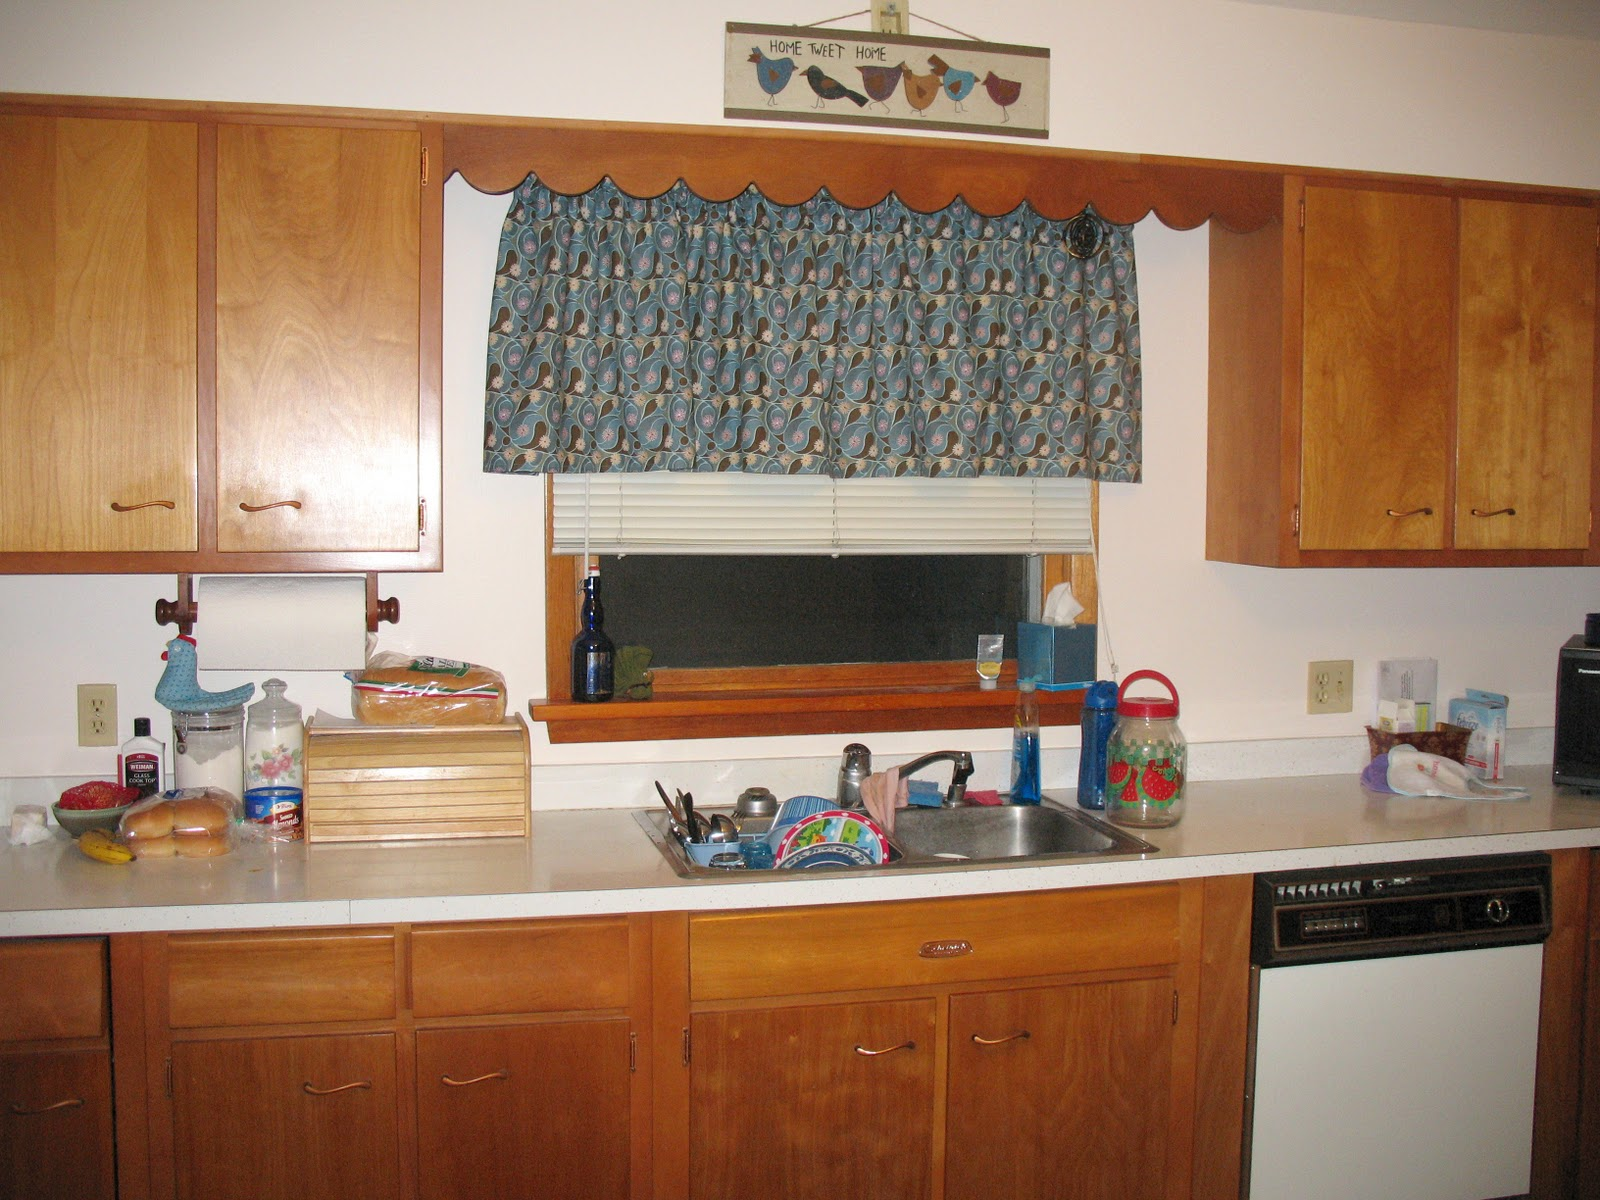 http://2.bp.blogspot.com/-4Hg4QOec1PI/TtwNCqM_CgI/AAAAAAAABl8/-ULHcWCqeYo/s1600/kitchen2.jpg